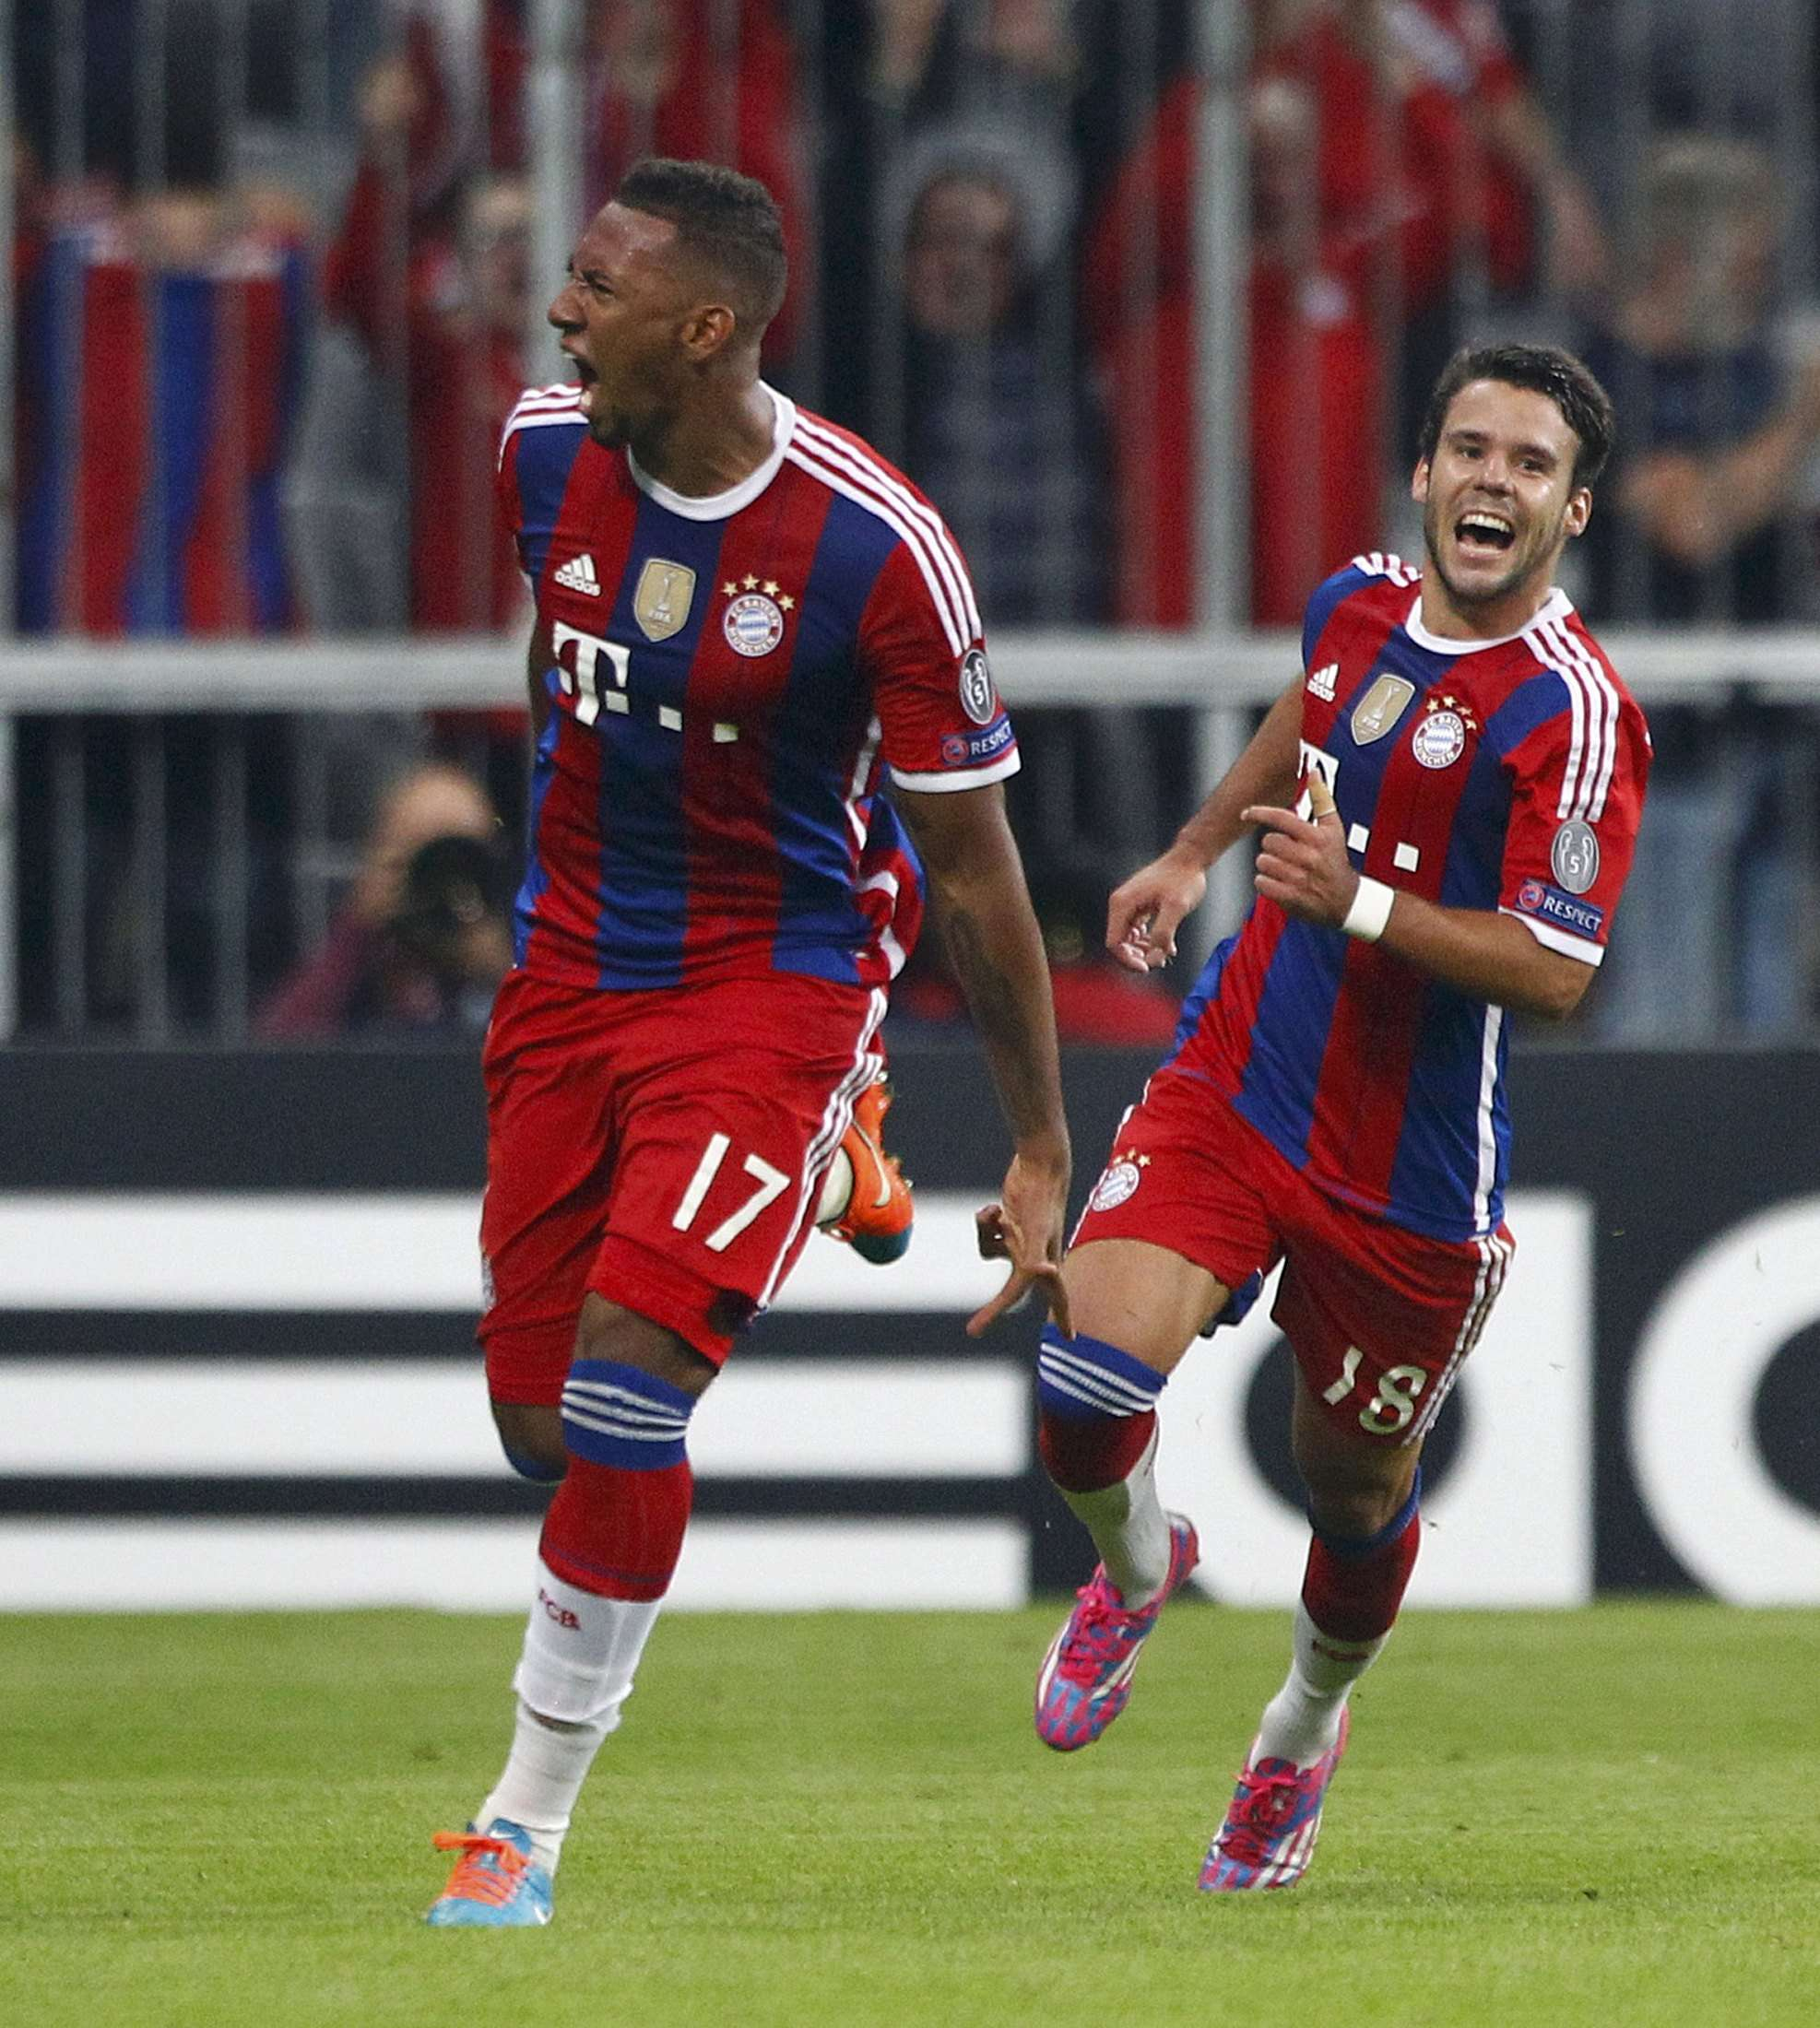 Boateng festeja su gol en el partido. Foto: Reuters